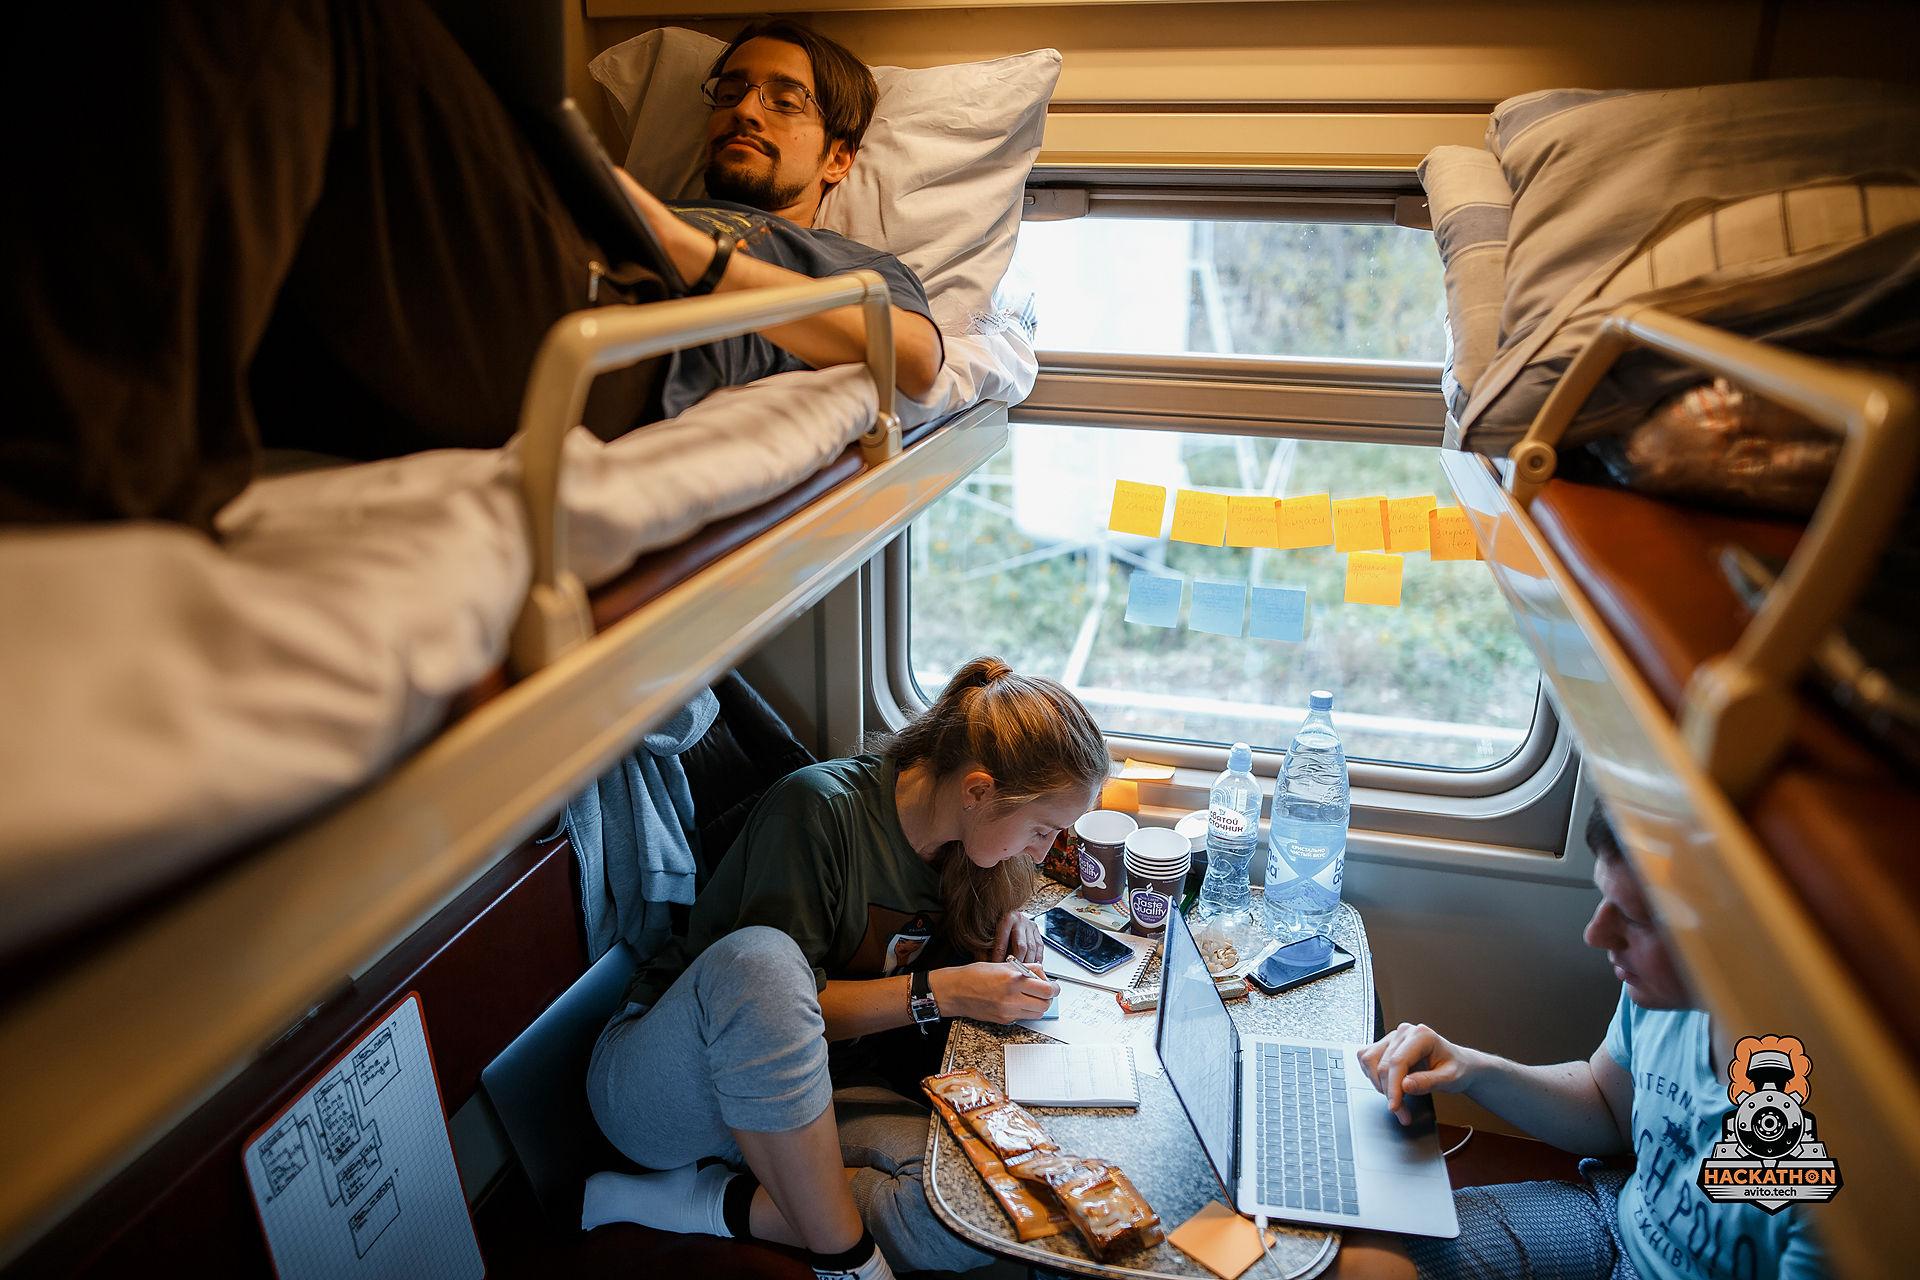 Как мы сделали хакатон в поезде и что из этого получилось - 1